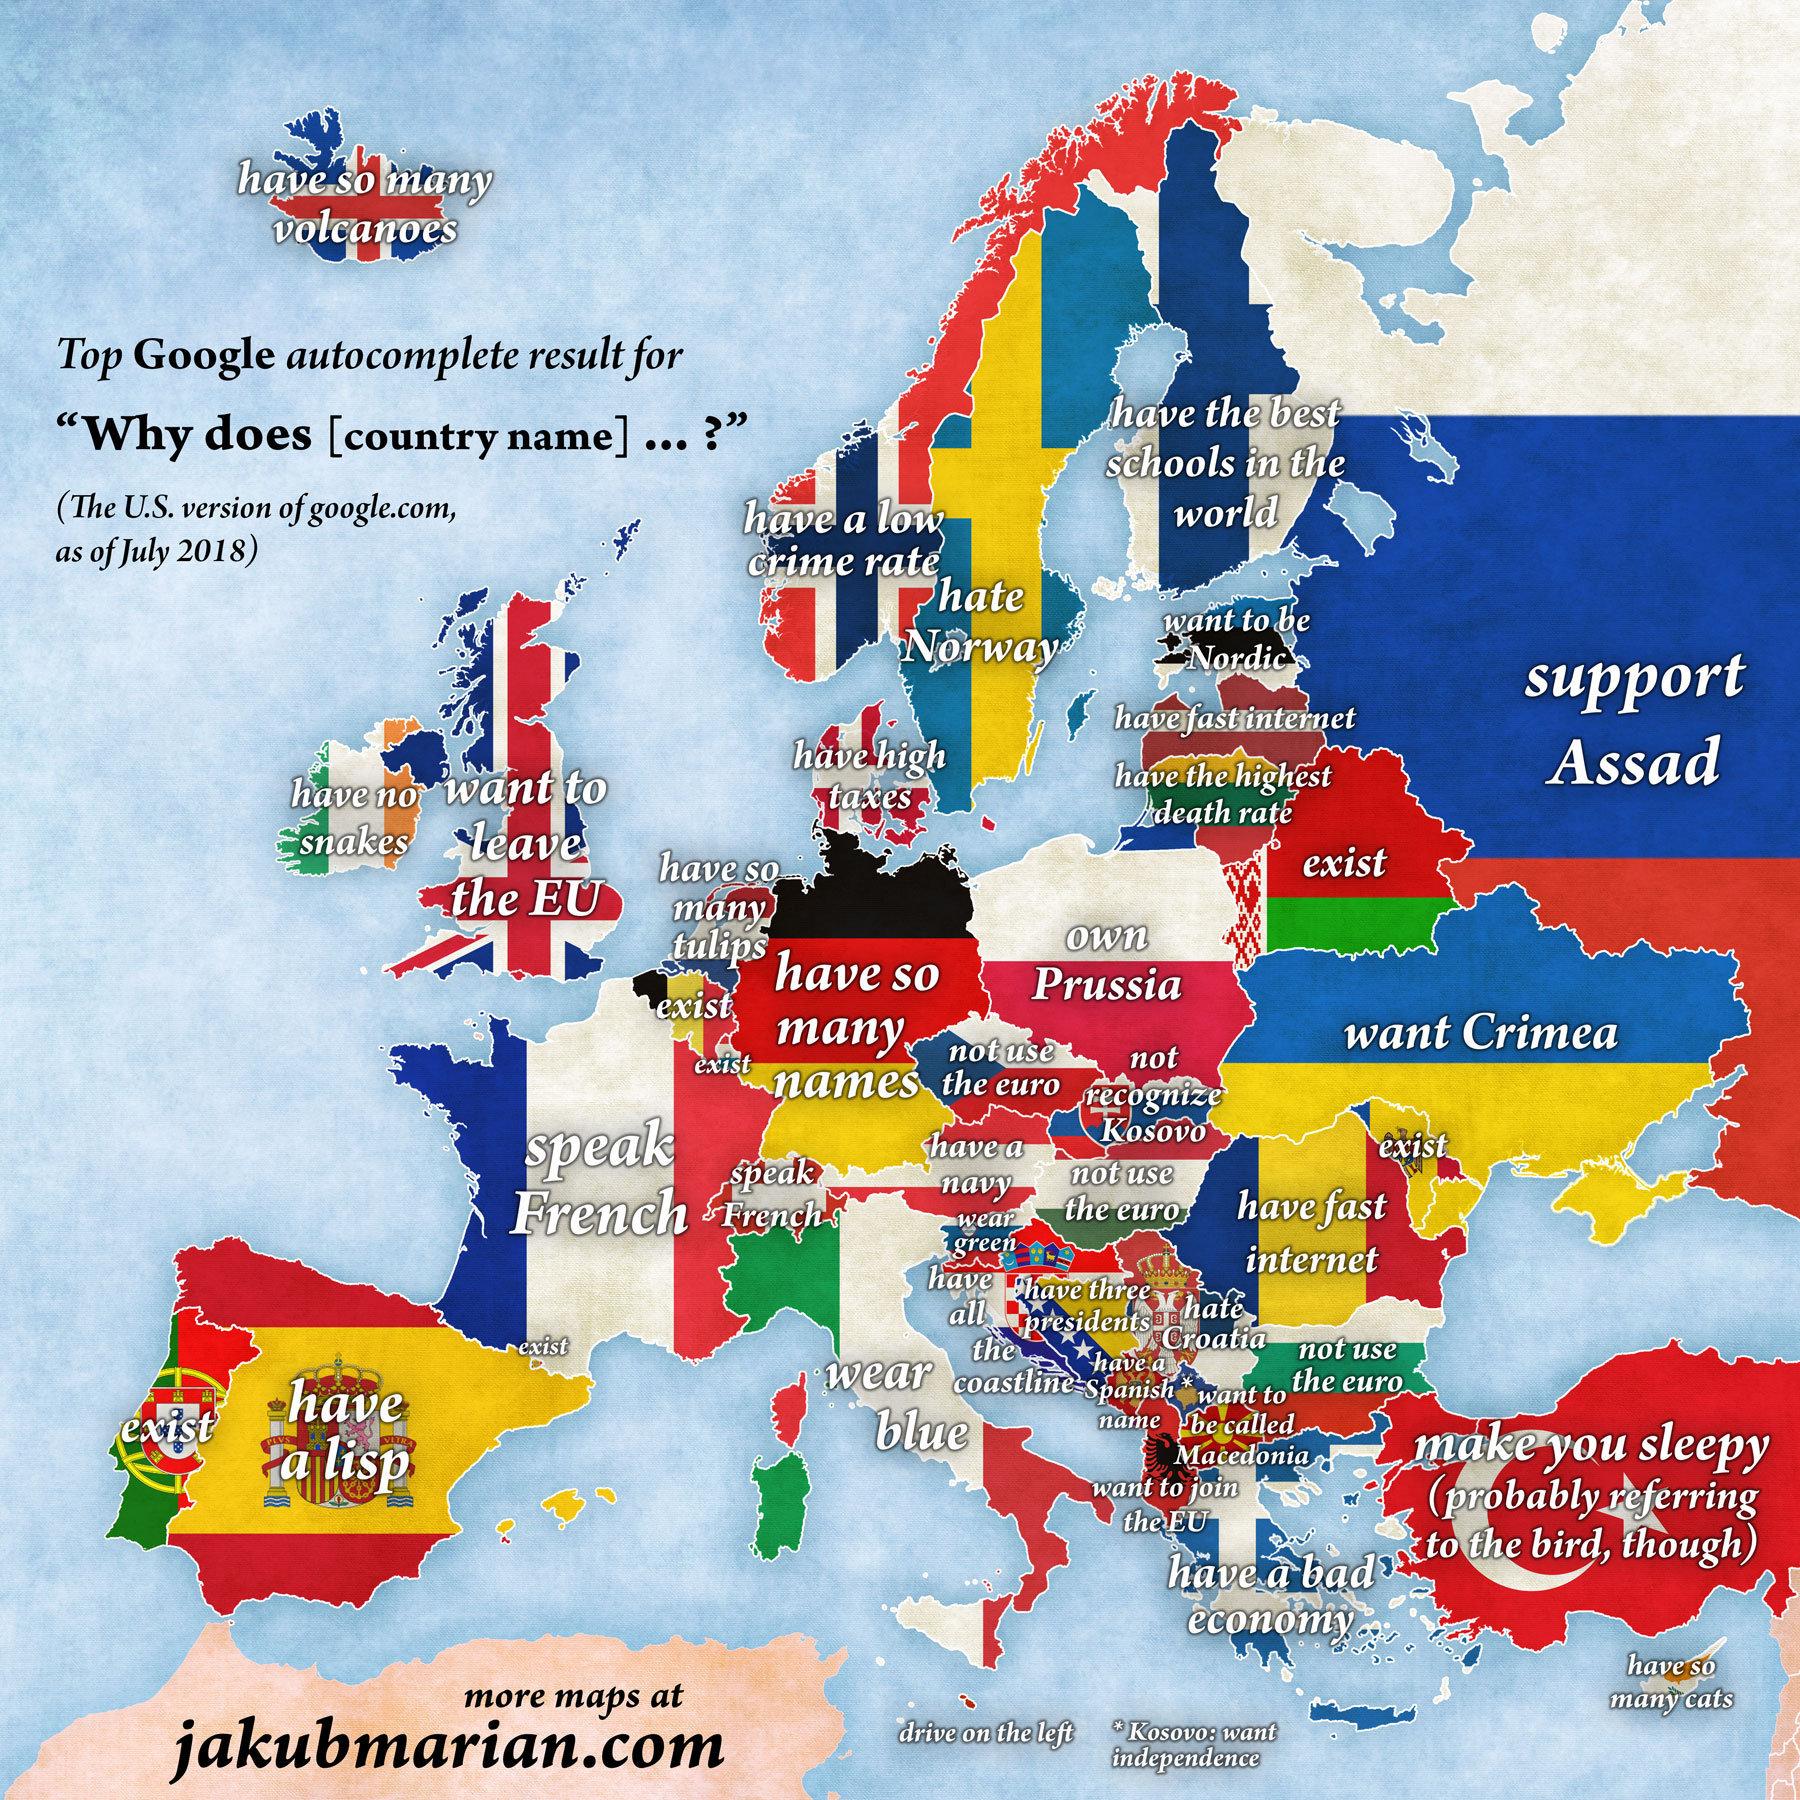 """Il sito Jakup Marian ha creato una mappa esilarante dell'autocompletamento delle ricerche google degli americani su vari paesi europei inserendo sul motore di ricerca la frase """"Why does...?"""" (perchè...?)."""